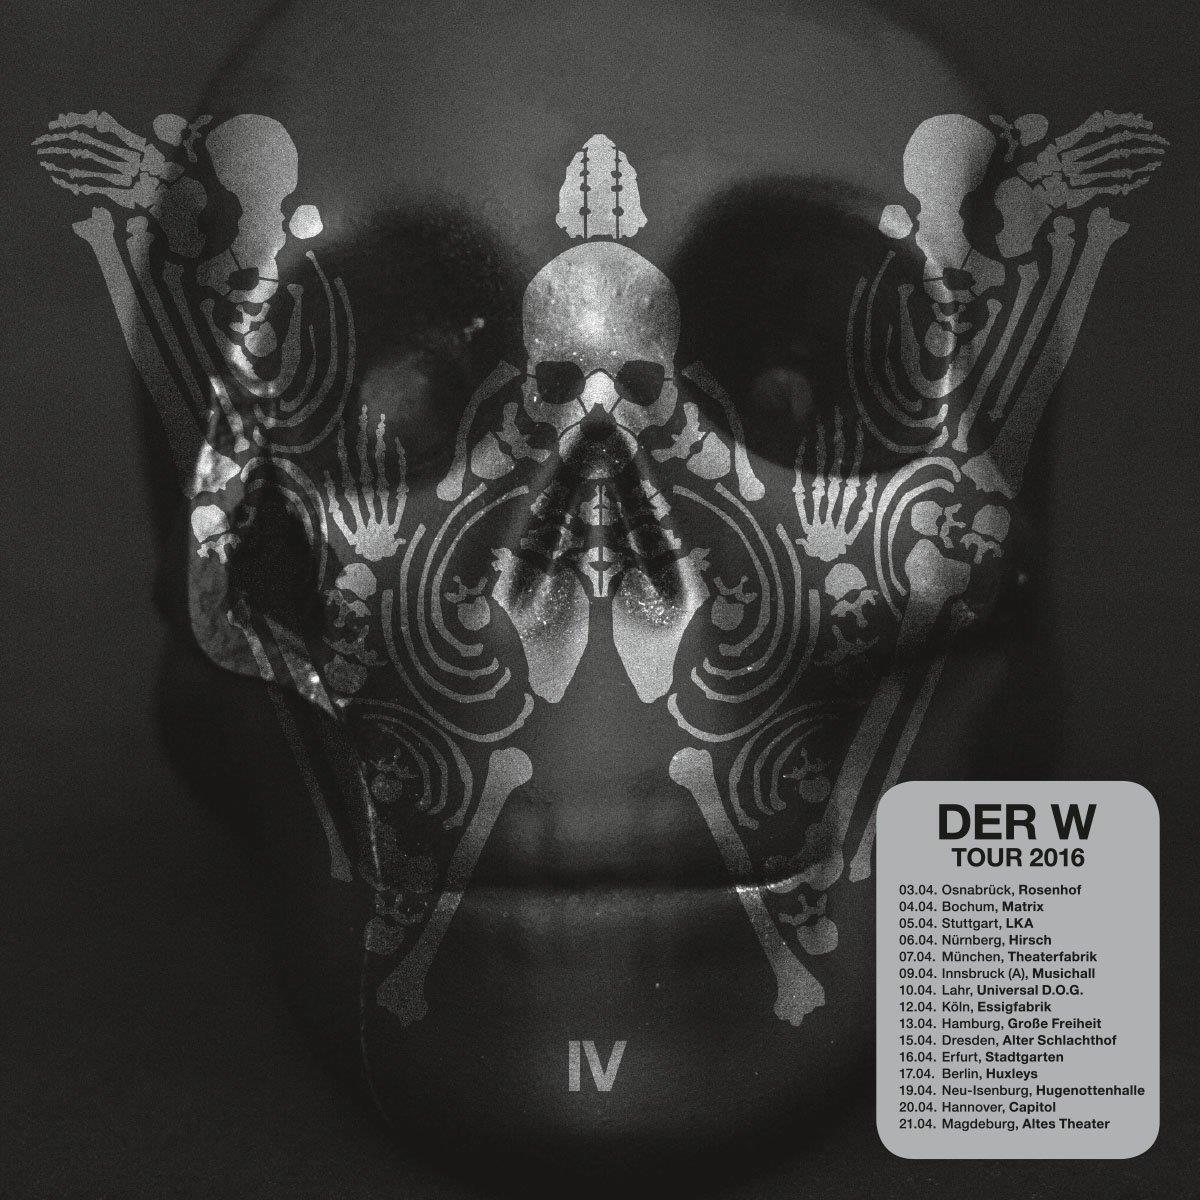 Der W IV